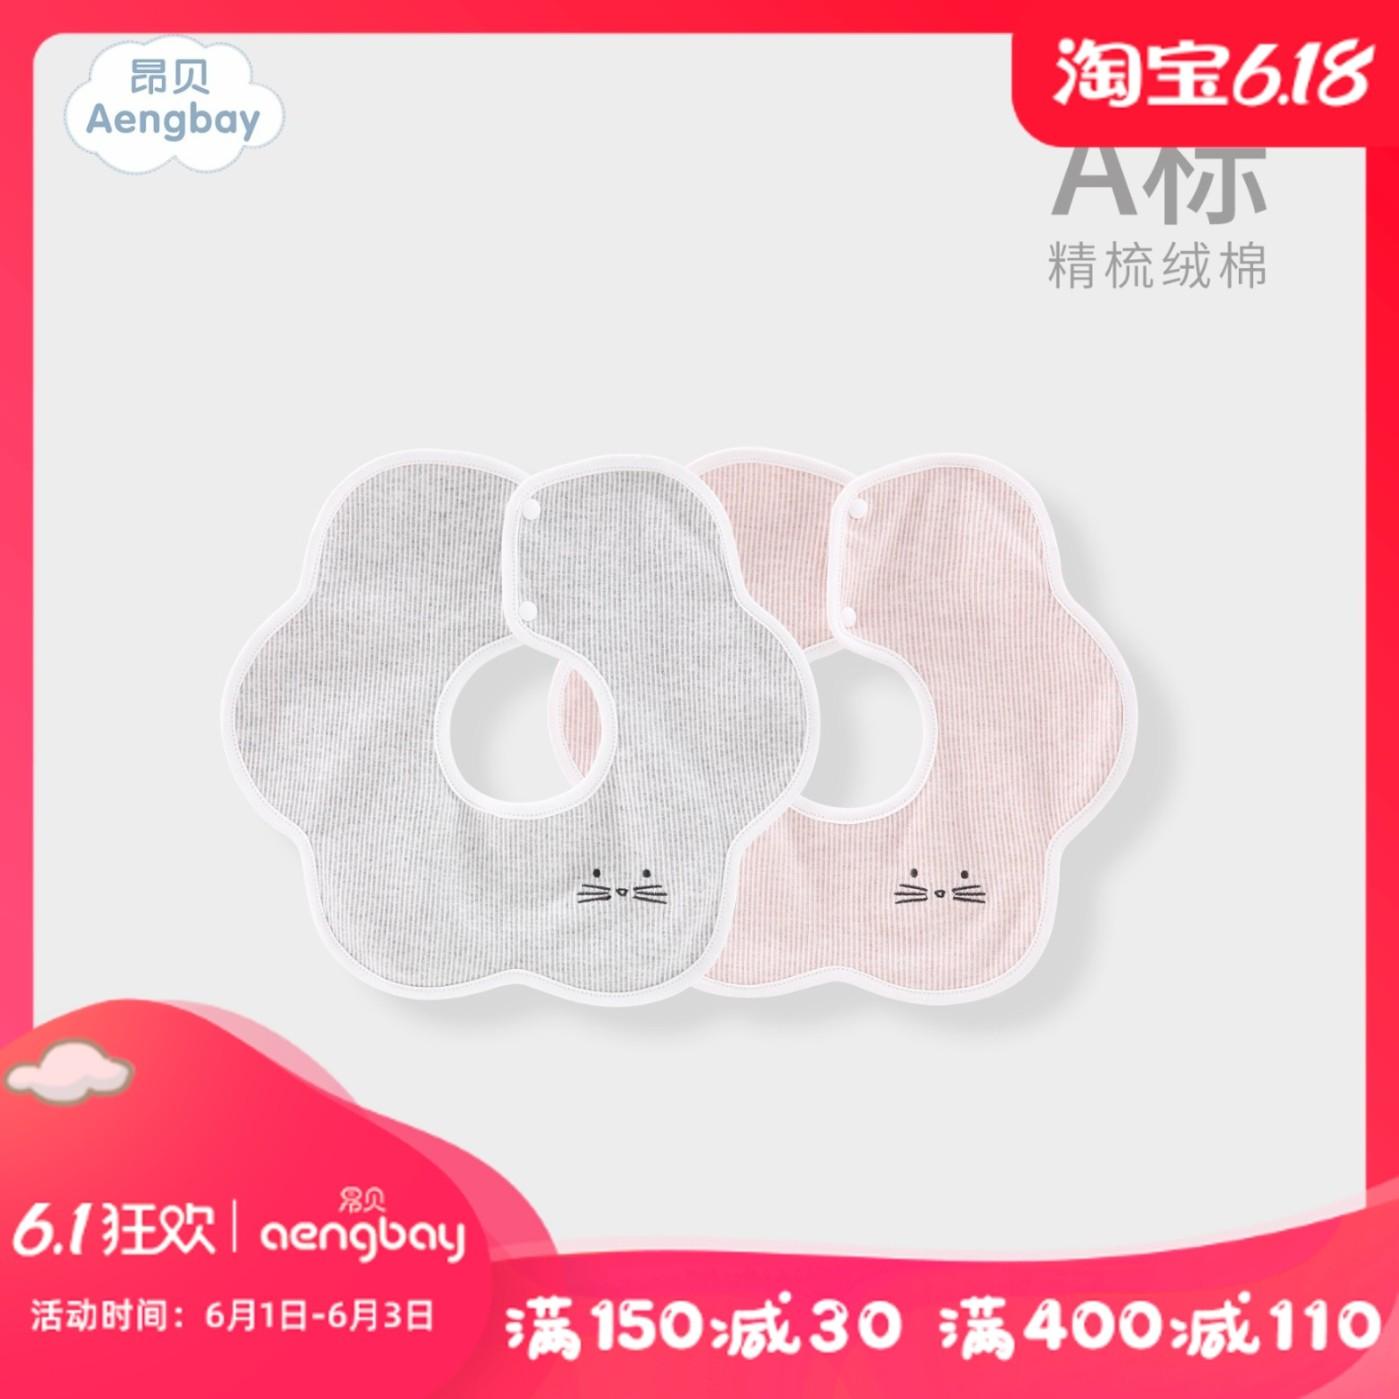 昂贝新生儿宝宝围嘴口水巾纯棉新生婴儿360度可旋转春夏季食饭兜